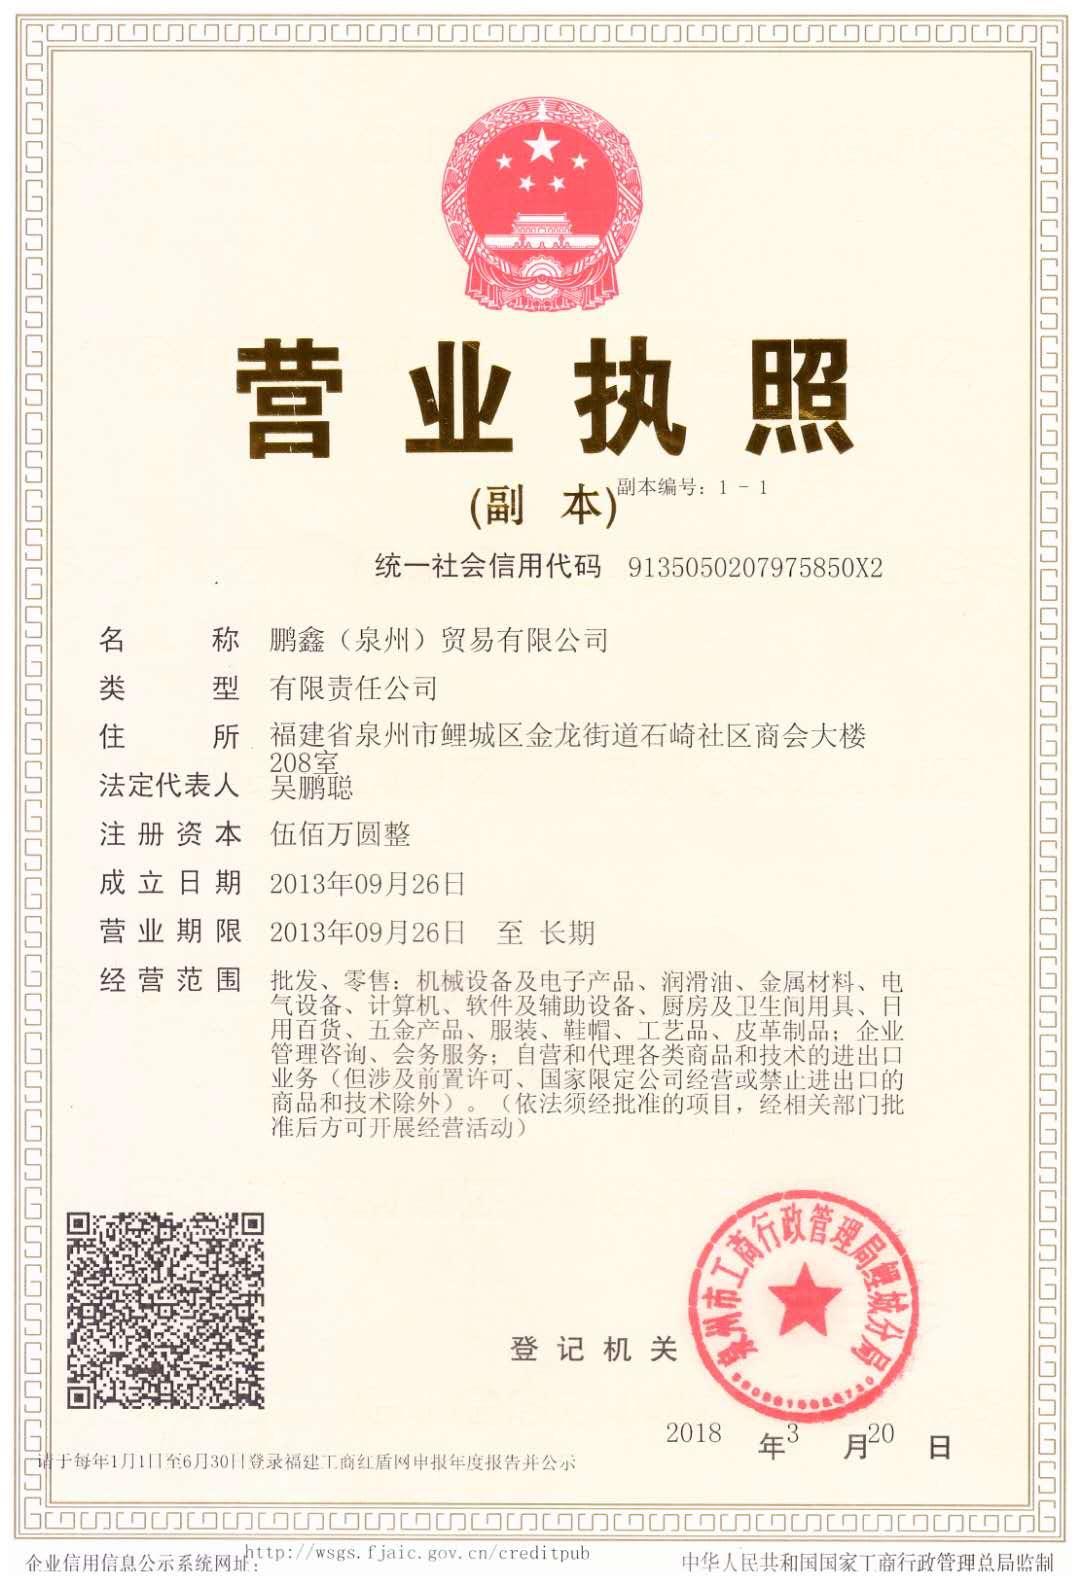 鹏鑫(泉州)贸易有限公司